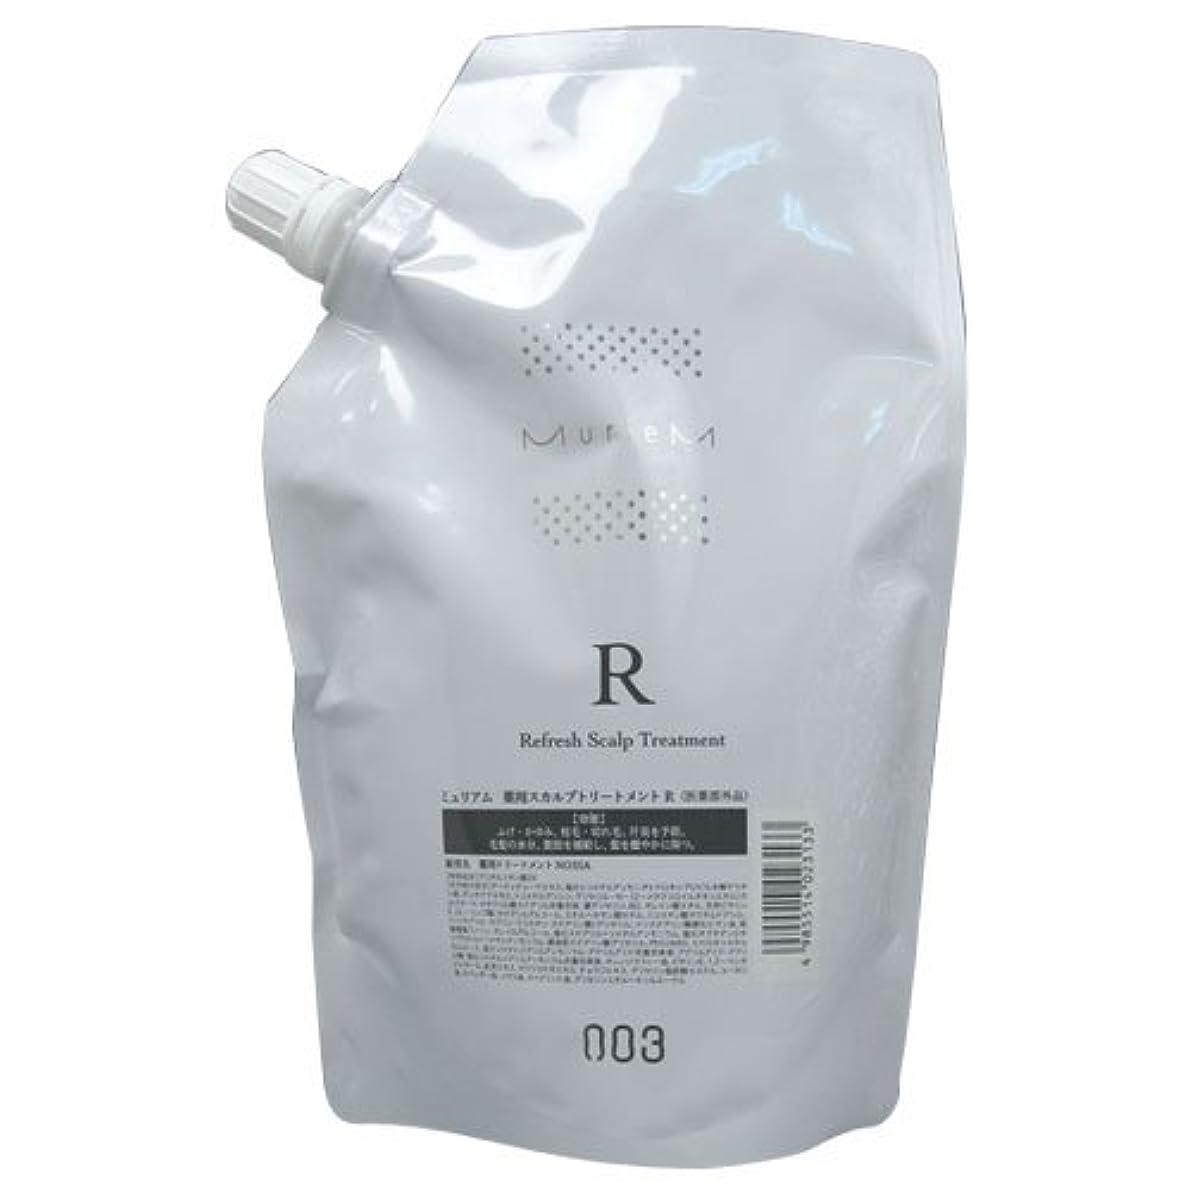 速報乳製品ブラウズナンバースリー ミュリアム 薬用スカルプトリートメントR 500g レフィル